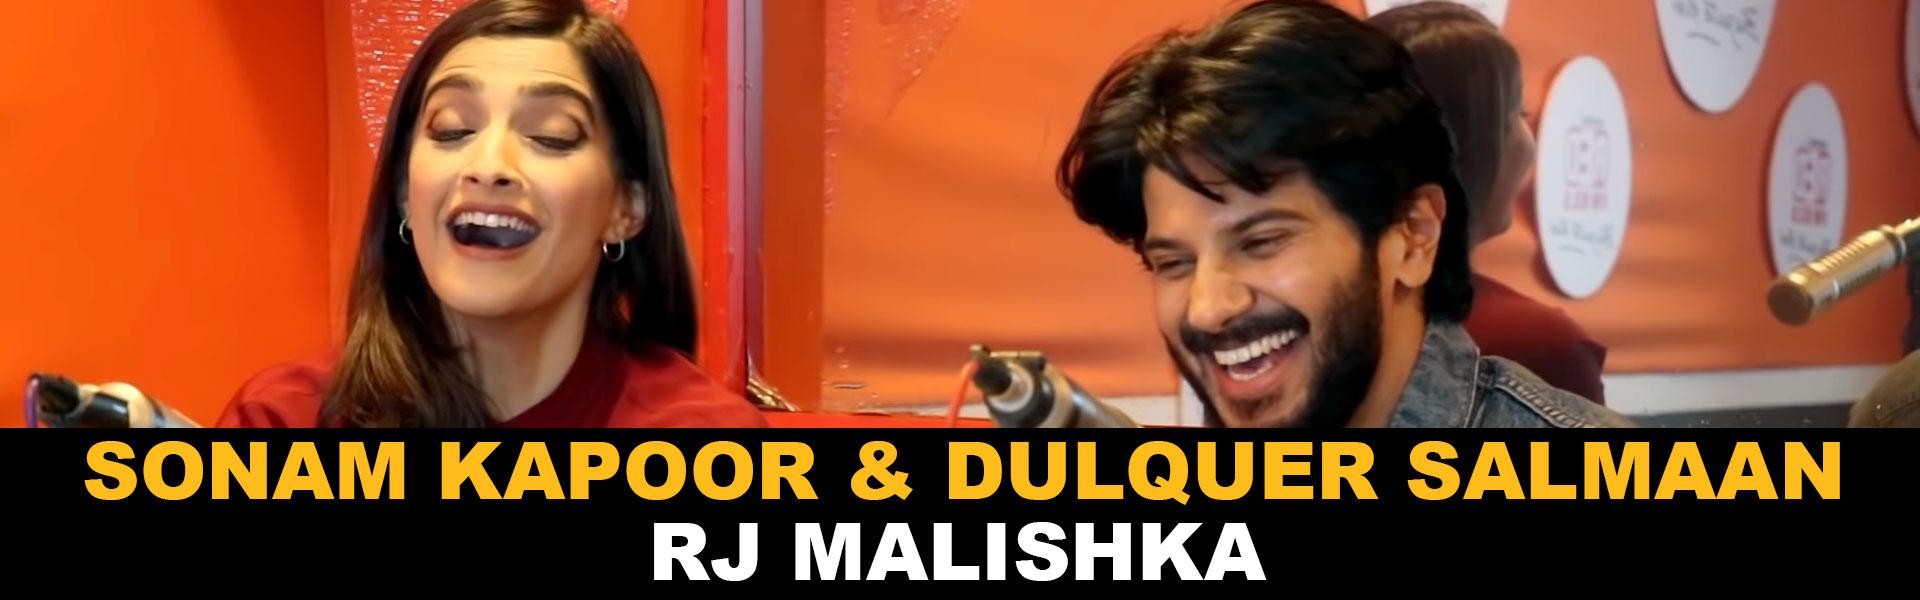 Sonam Kapoor & Dulquer Salmaan | The Zoya Factor